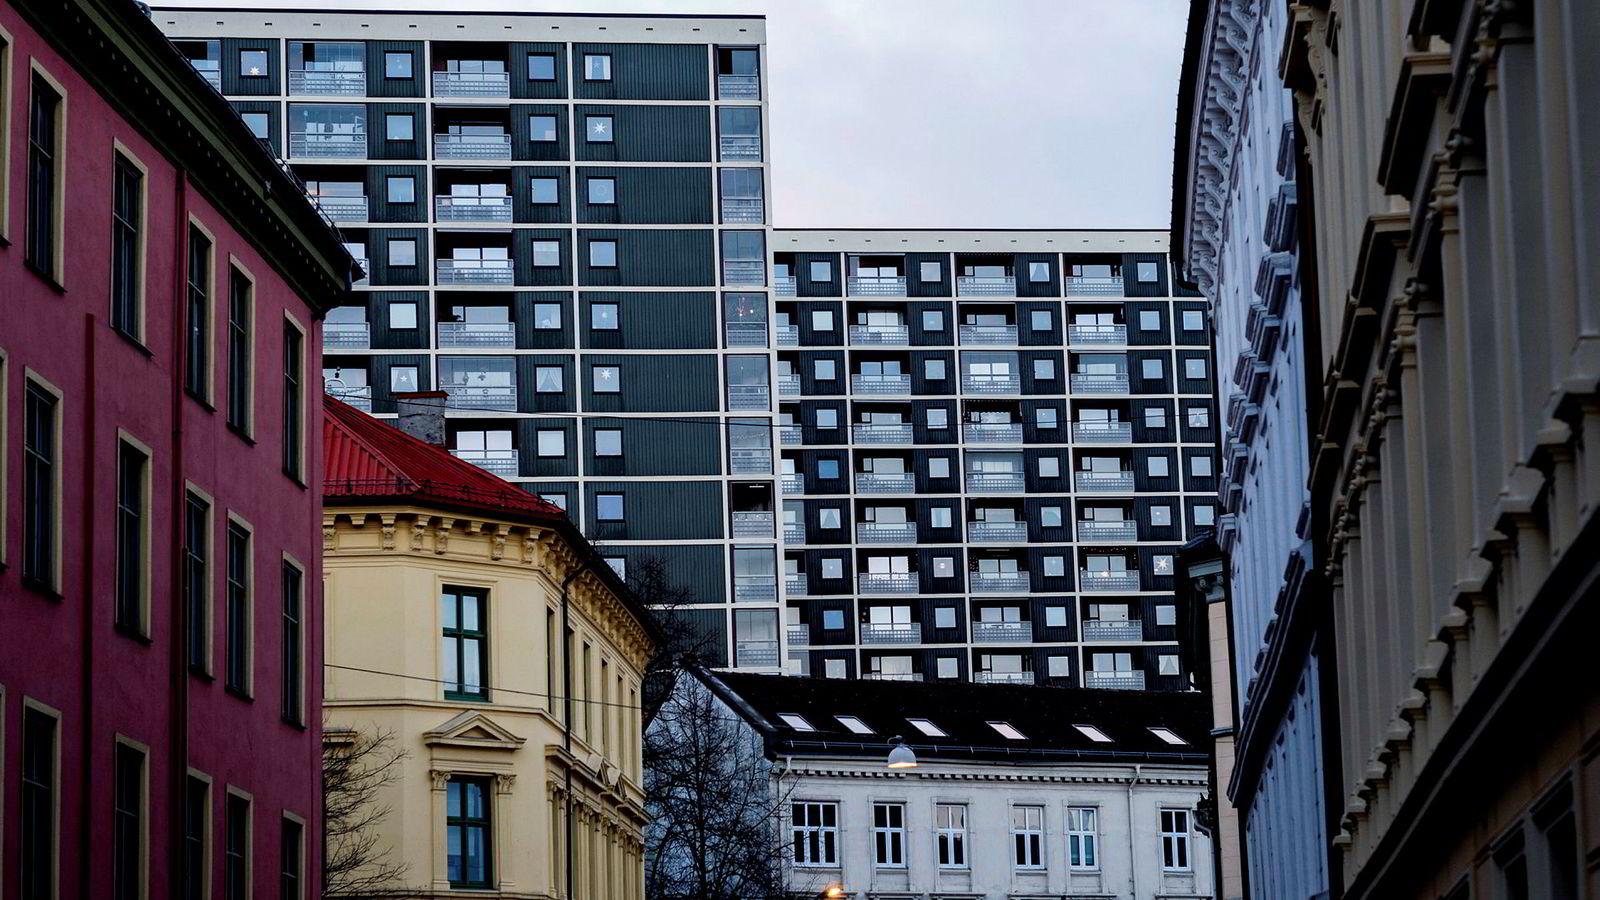 Dyre forbrukslån brukes til å komme inn på boligmarkedet (illustasjonsfoto fra Oslo)